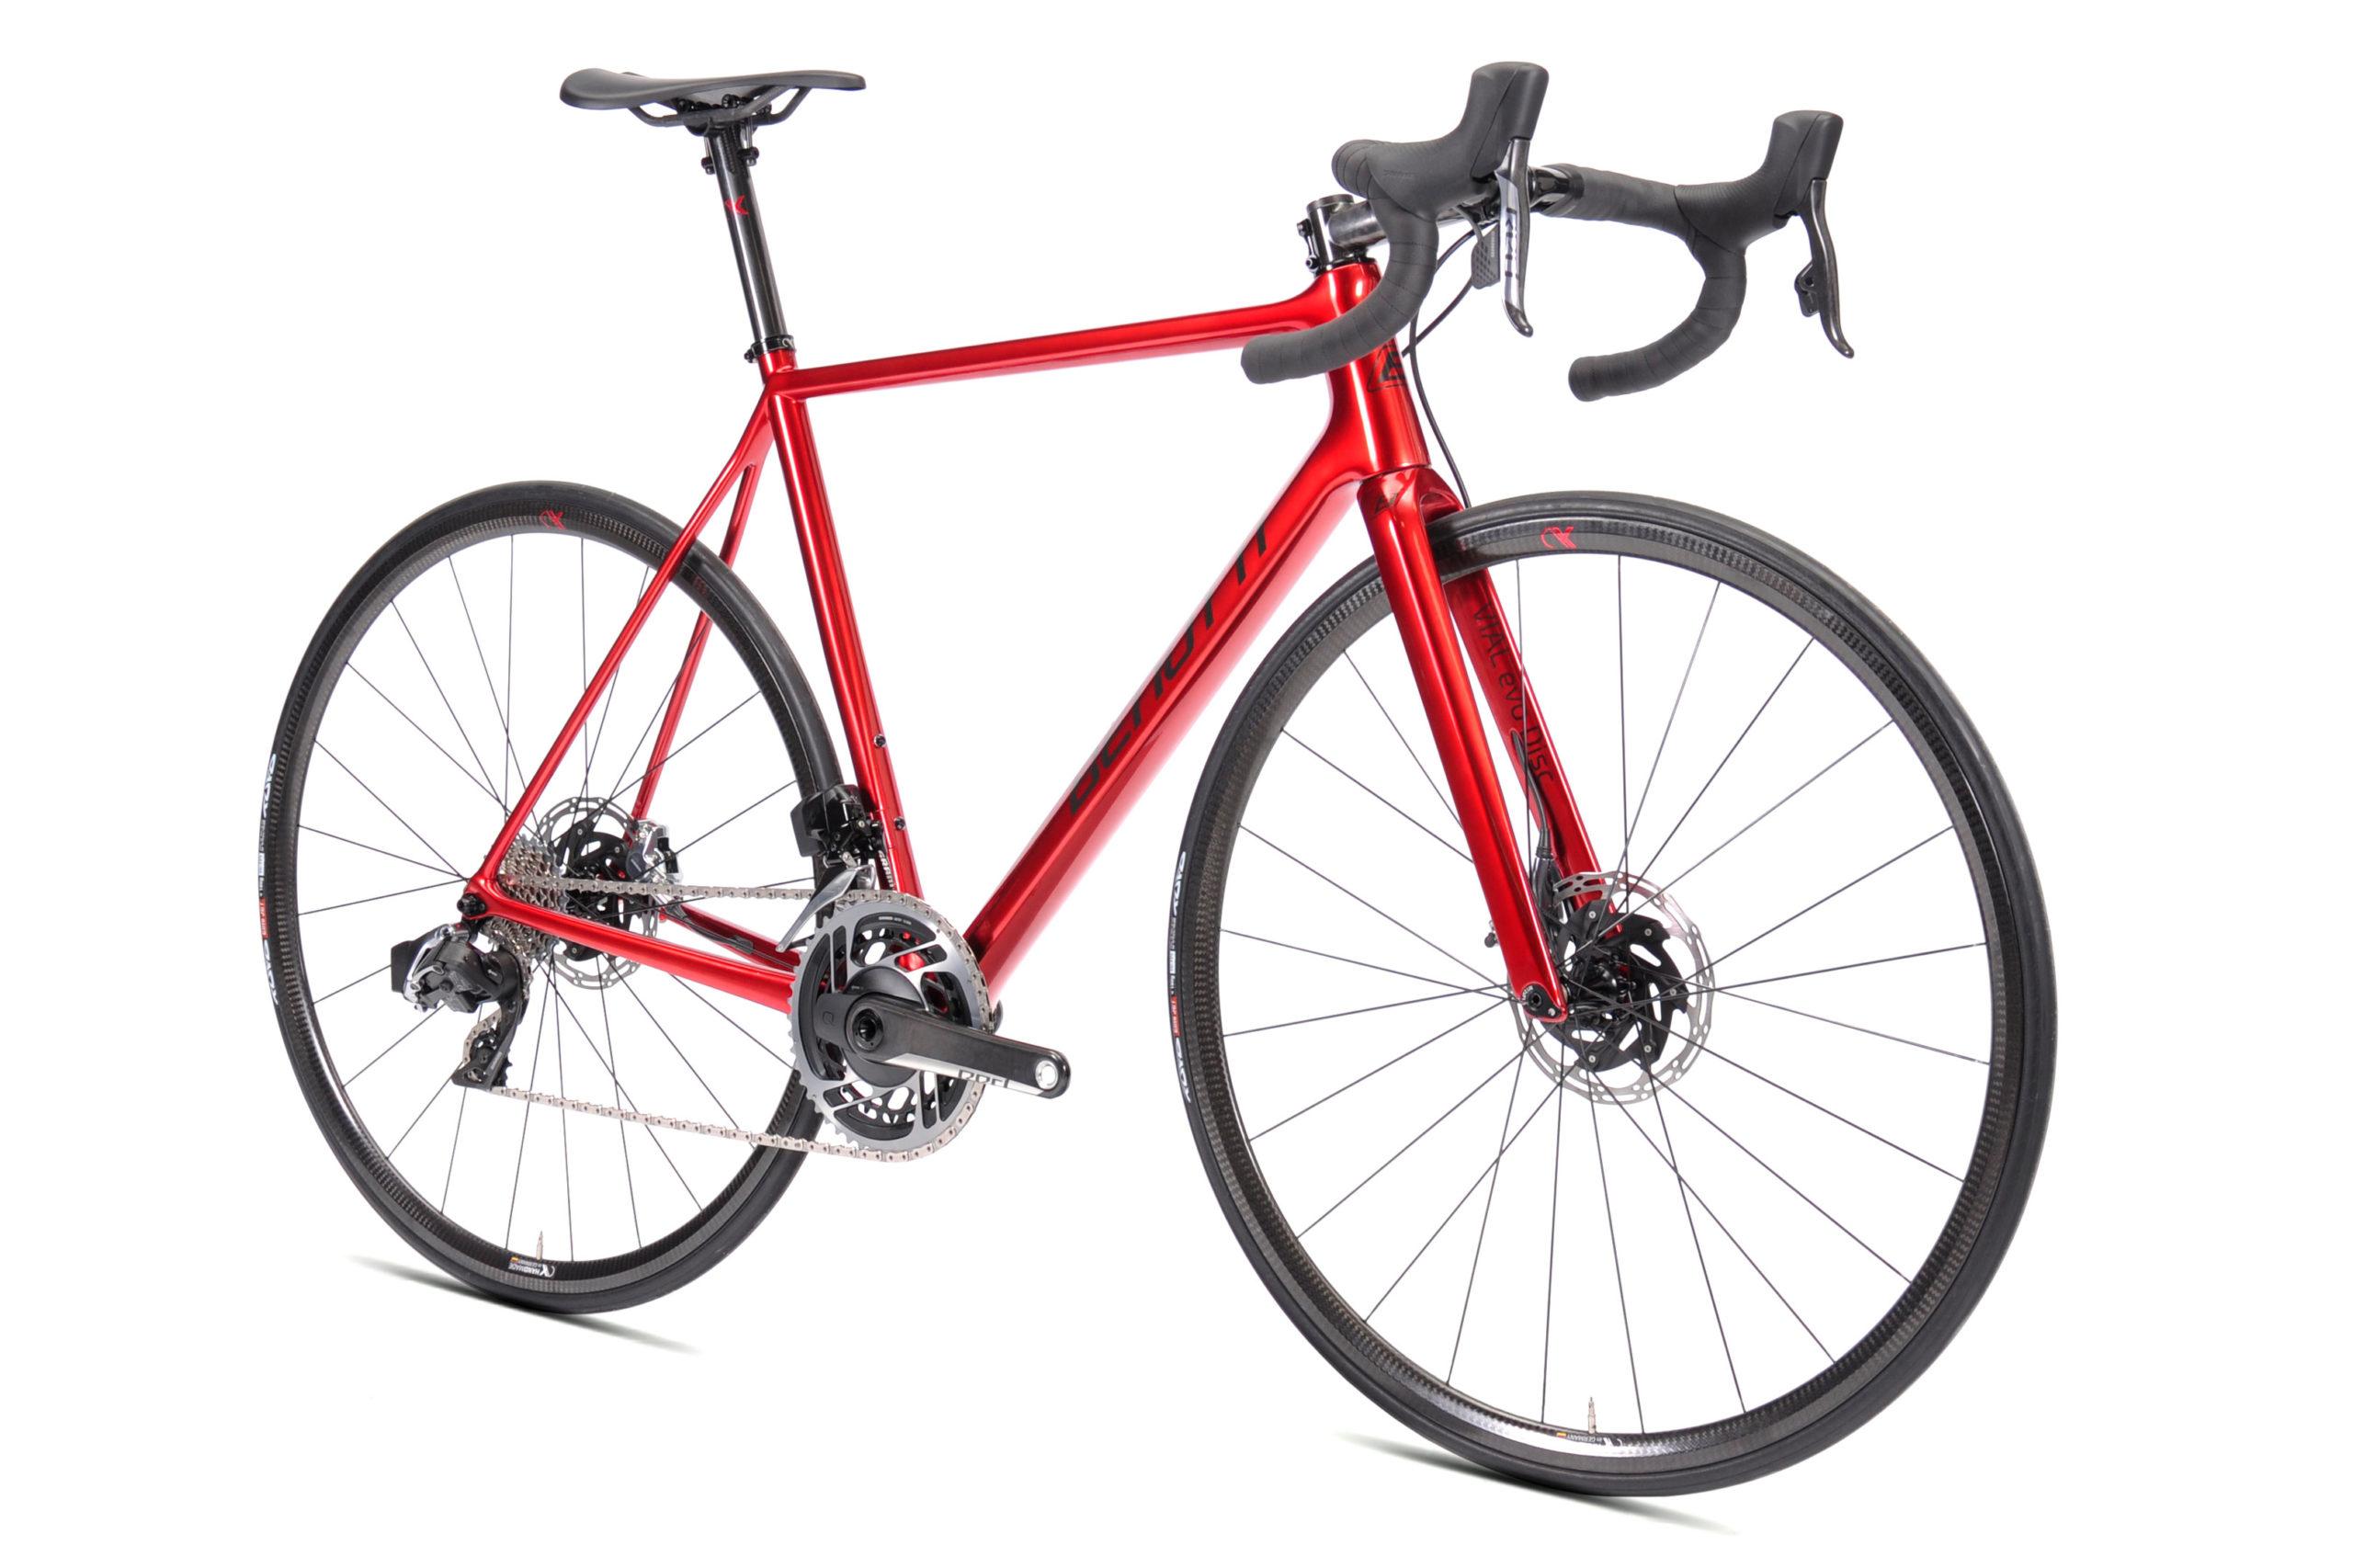 https://www.benobikes.com/de/fahrraeder/roadbikes/vial-evo-disc-by-ax-lightness/vial-evo-disc-climbers-edition/#8bc072289bf7c646e2a5d90b125ffbca